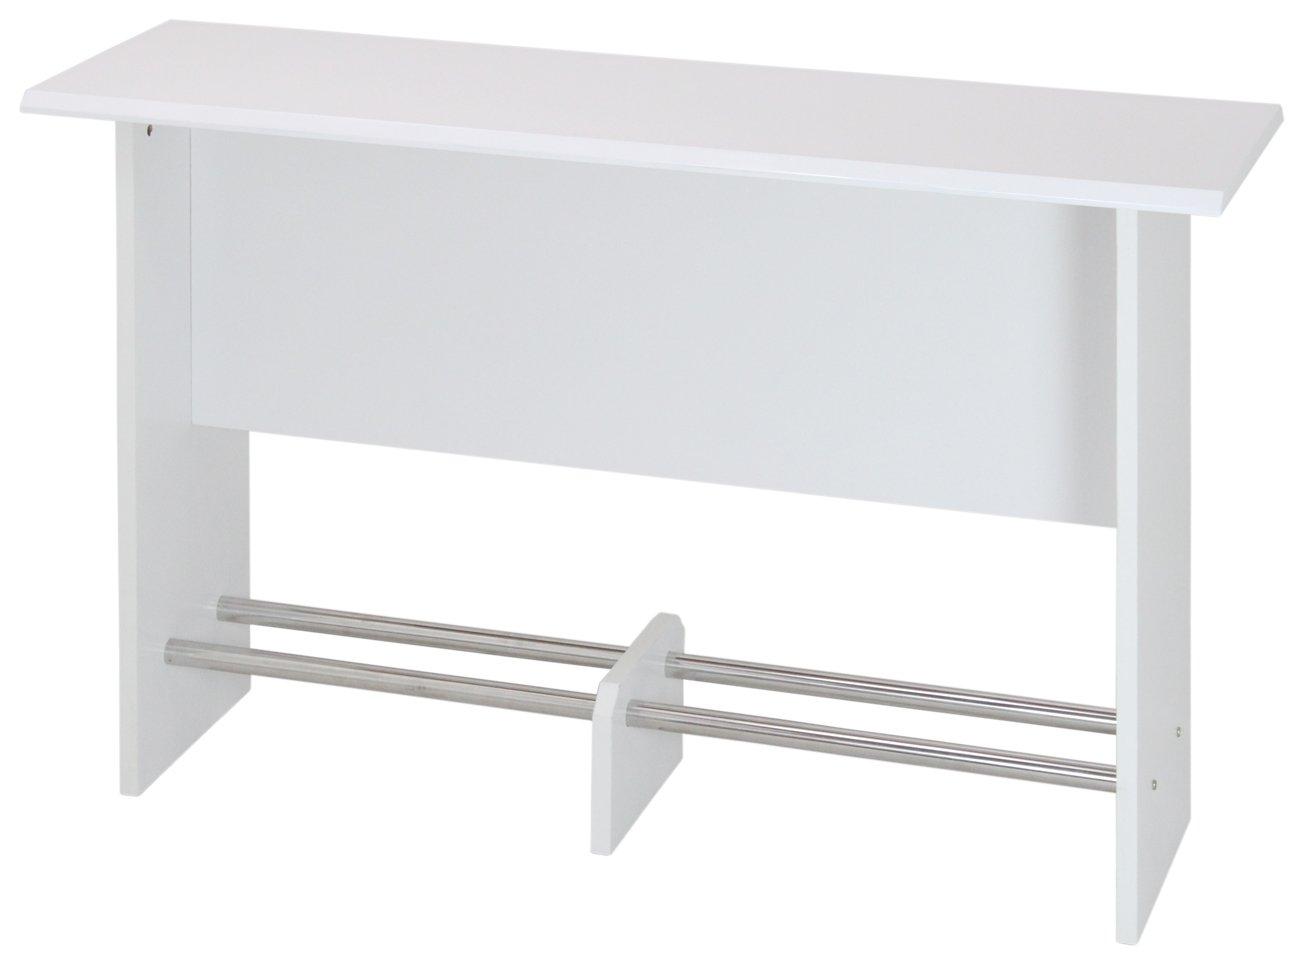 【訳ありアウトレット品】サンニード 鏡面カウンターテーブル KW-150 ホワイト 白 幅150 高さ90 デスク Y-L1 B010HBRMQ6 ホワイト ホワイト